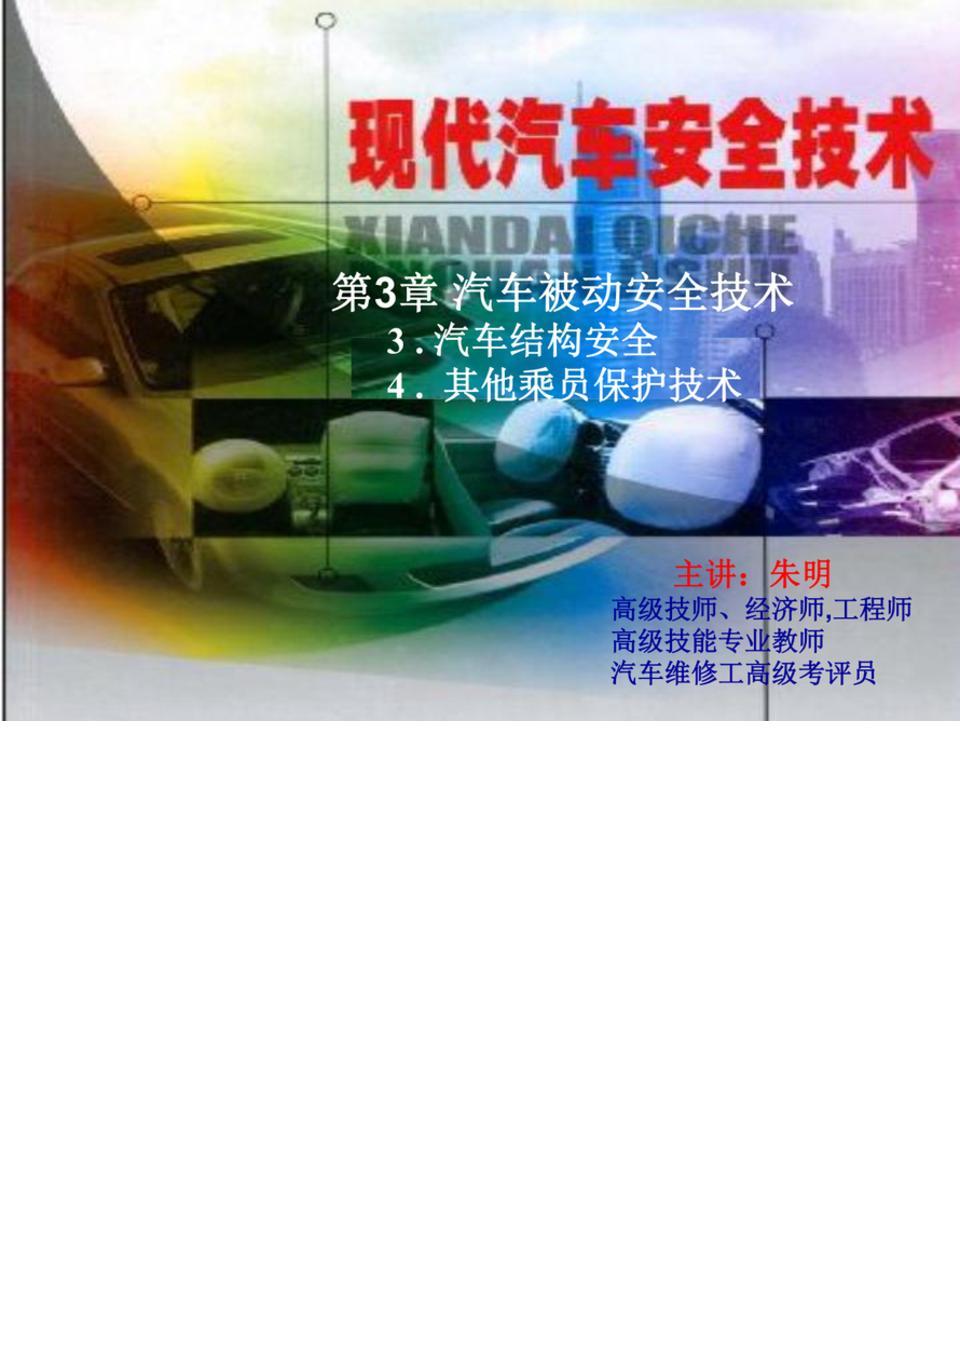 现代汽车安全技术-3章3.4被动安全(汽车结构安全、其他乘员保护技术v).ppt